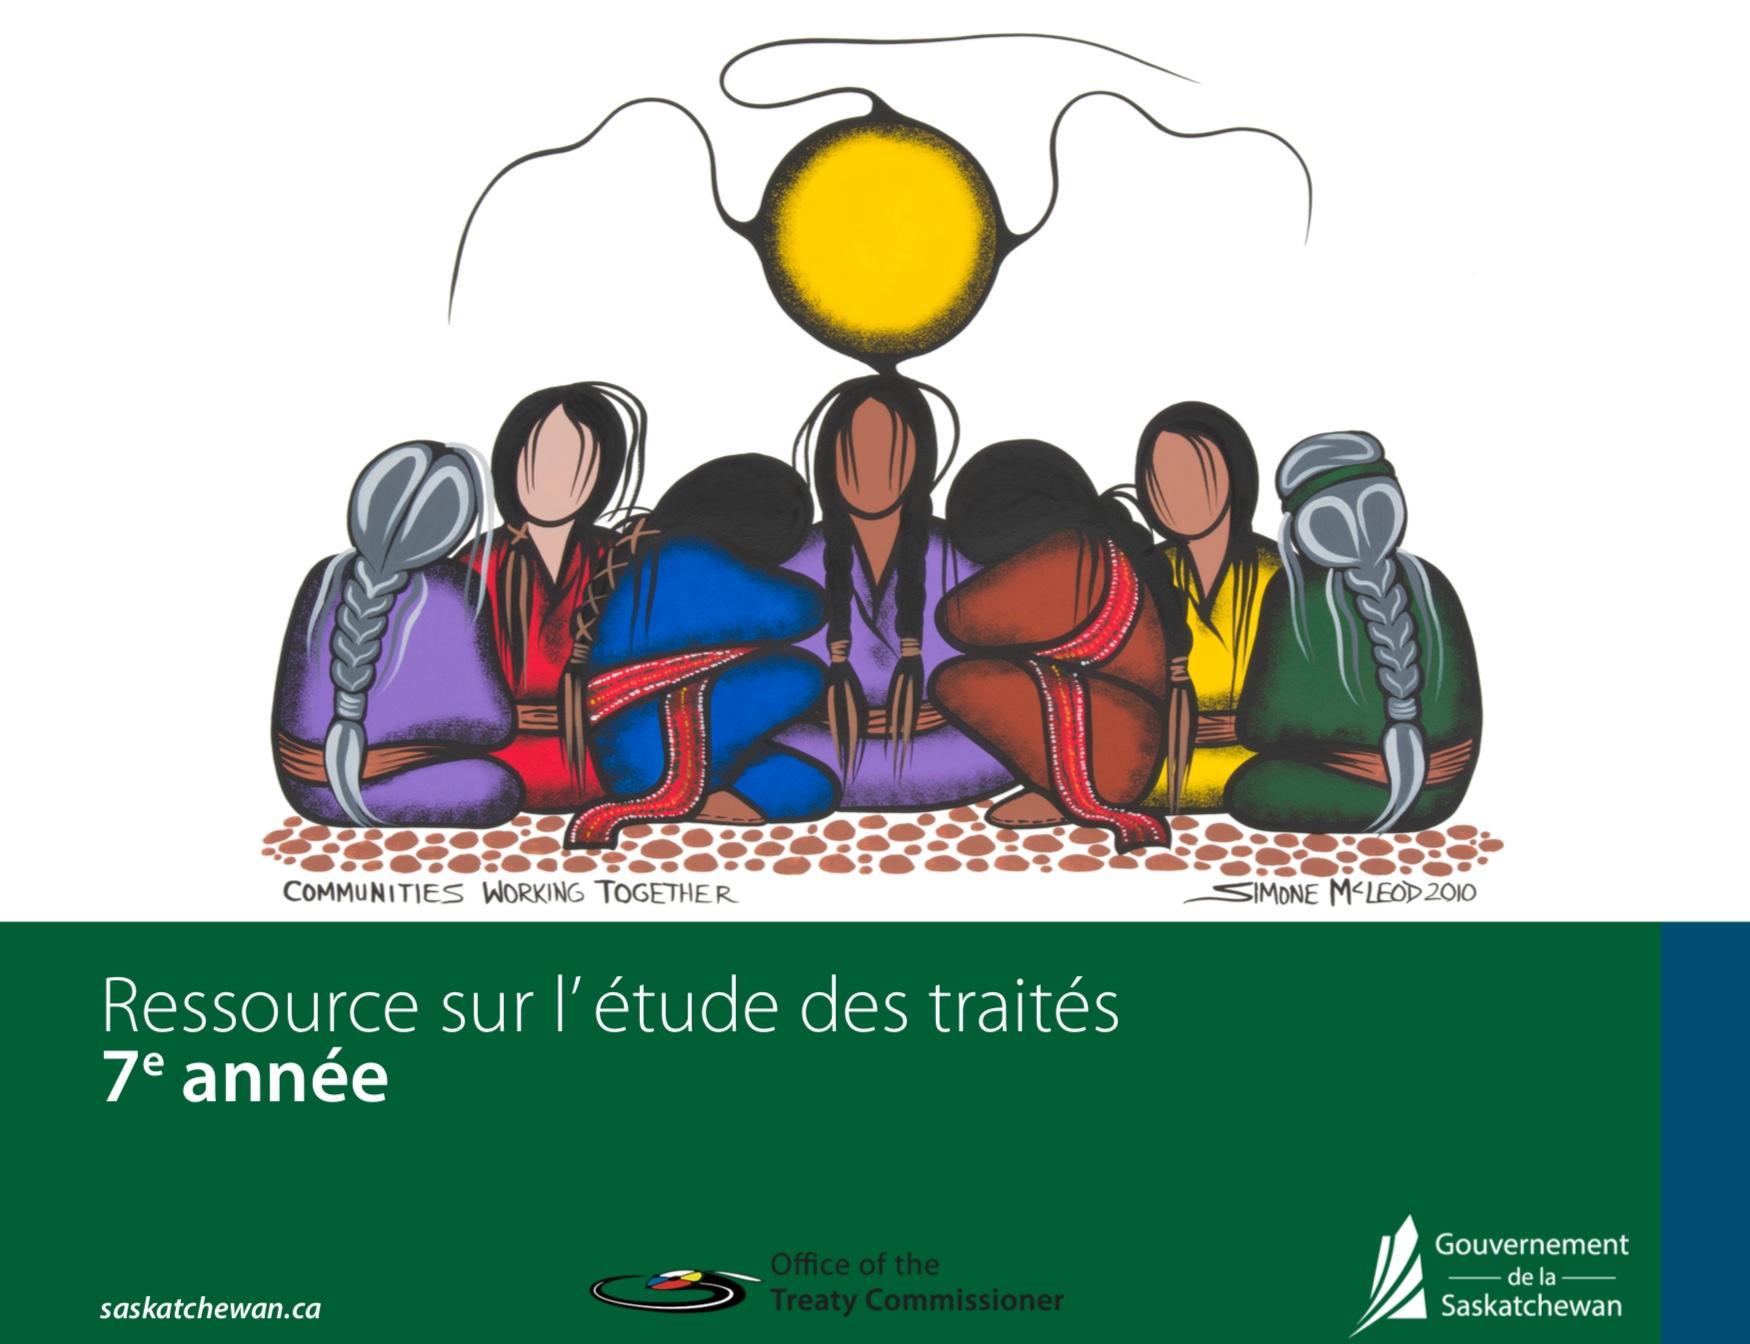 Ressource sur l' étude des traités - 7e année